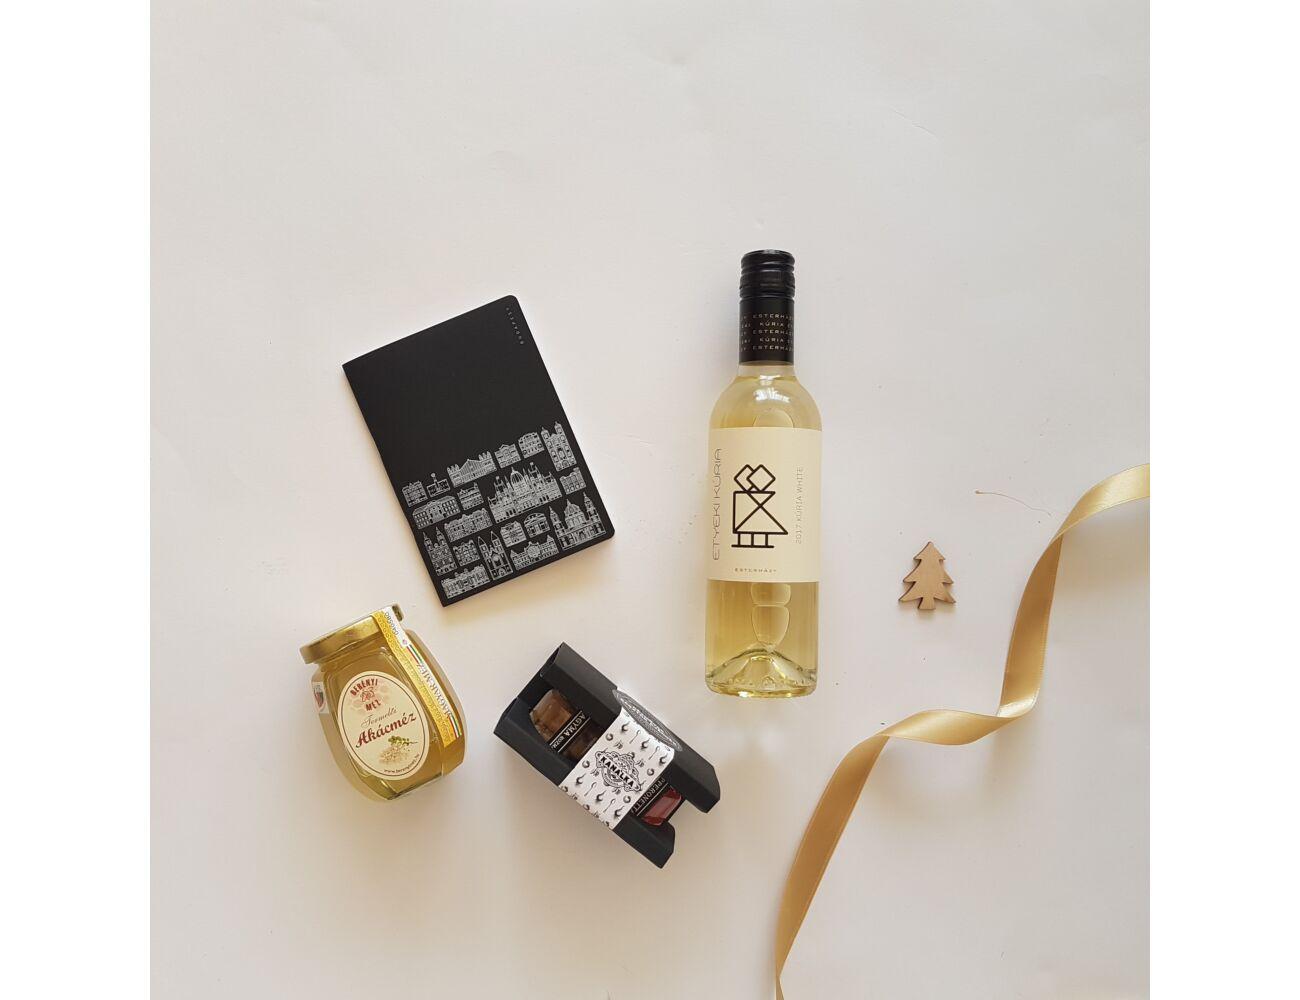 Arany és fekete, gasztro és design - bor, chutney, méz, Budapest-füzet ajándékcsomag